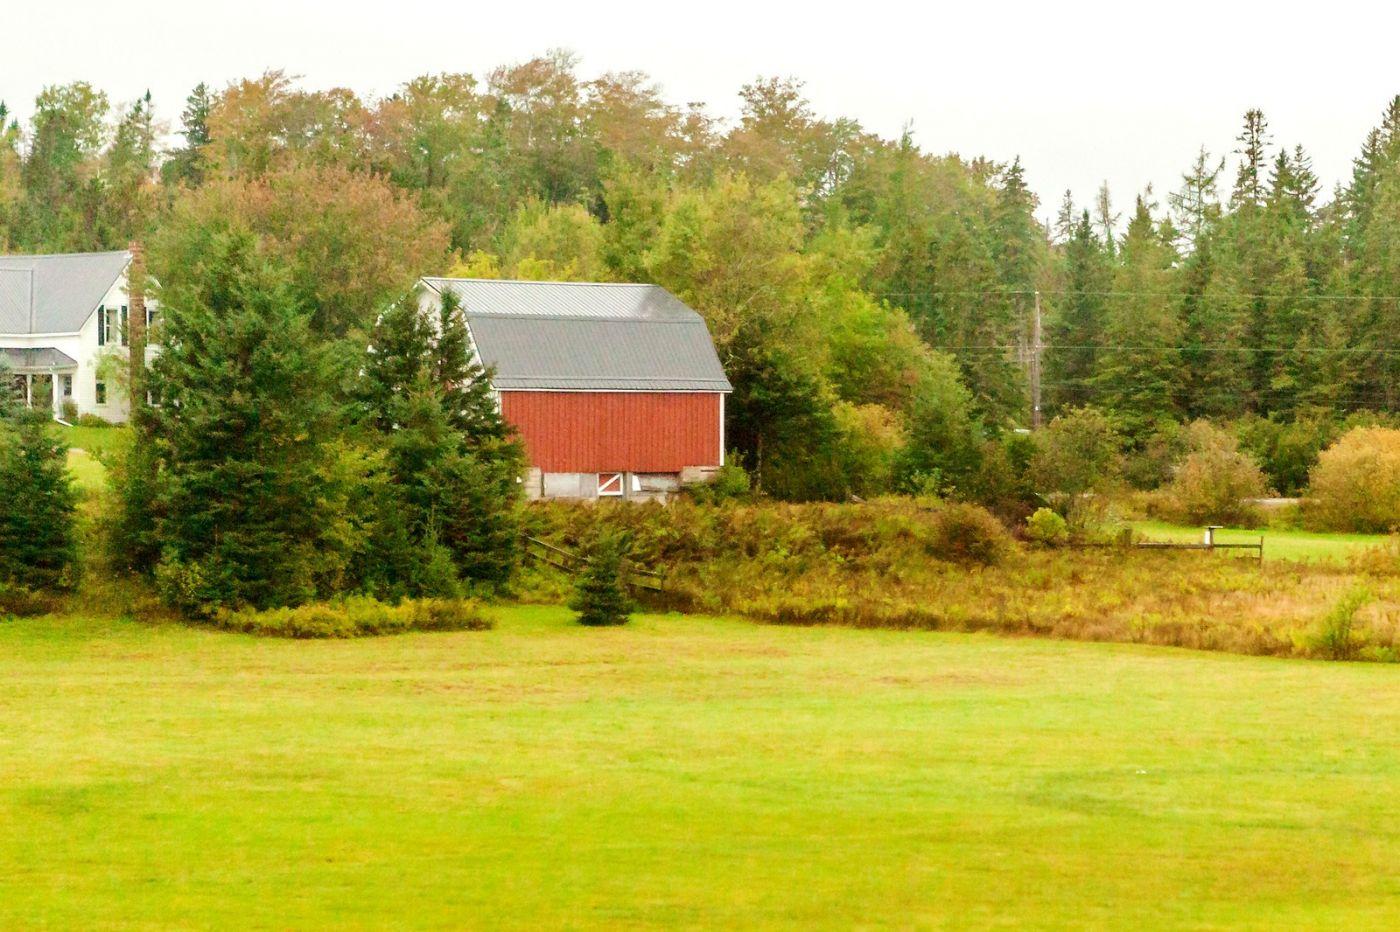 加拿大旅途,乡村的幸福生活_图1-36